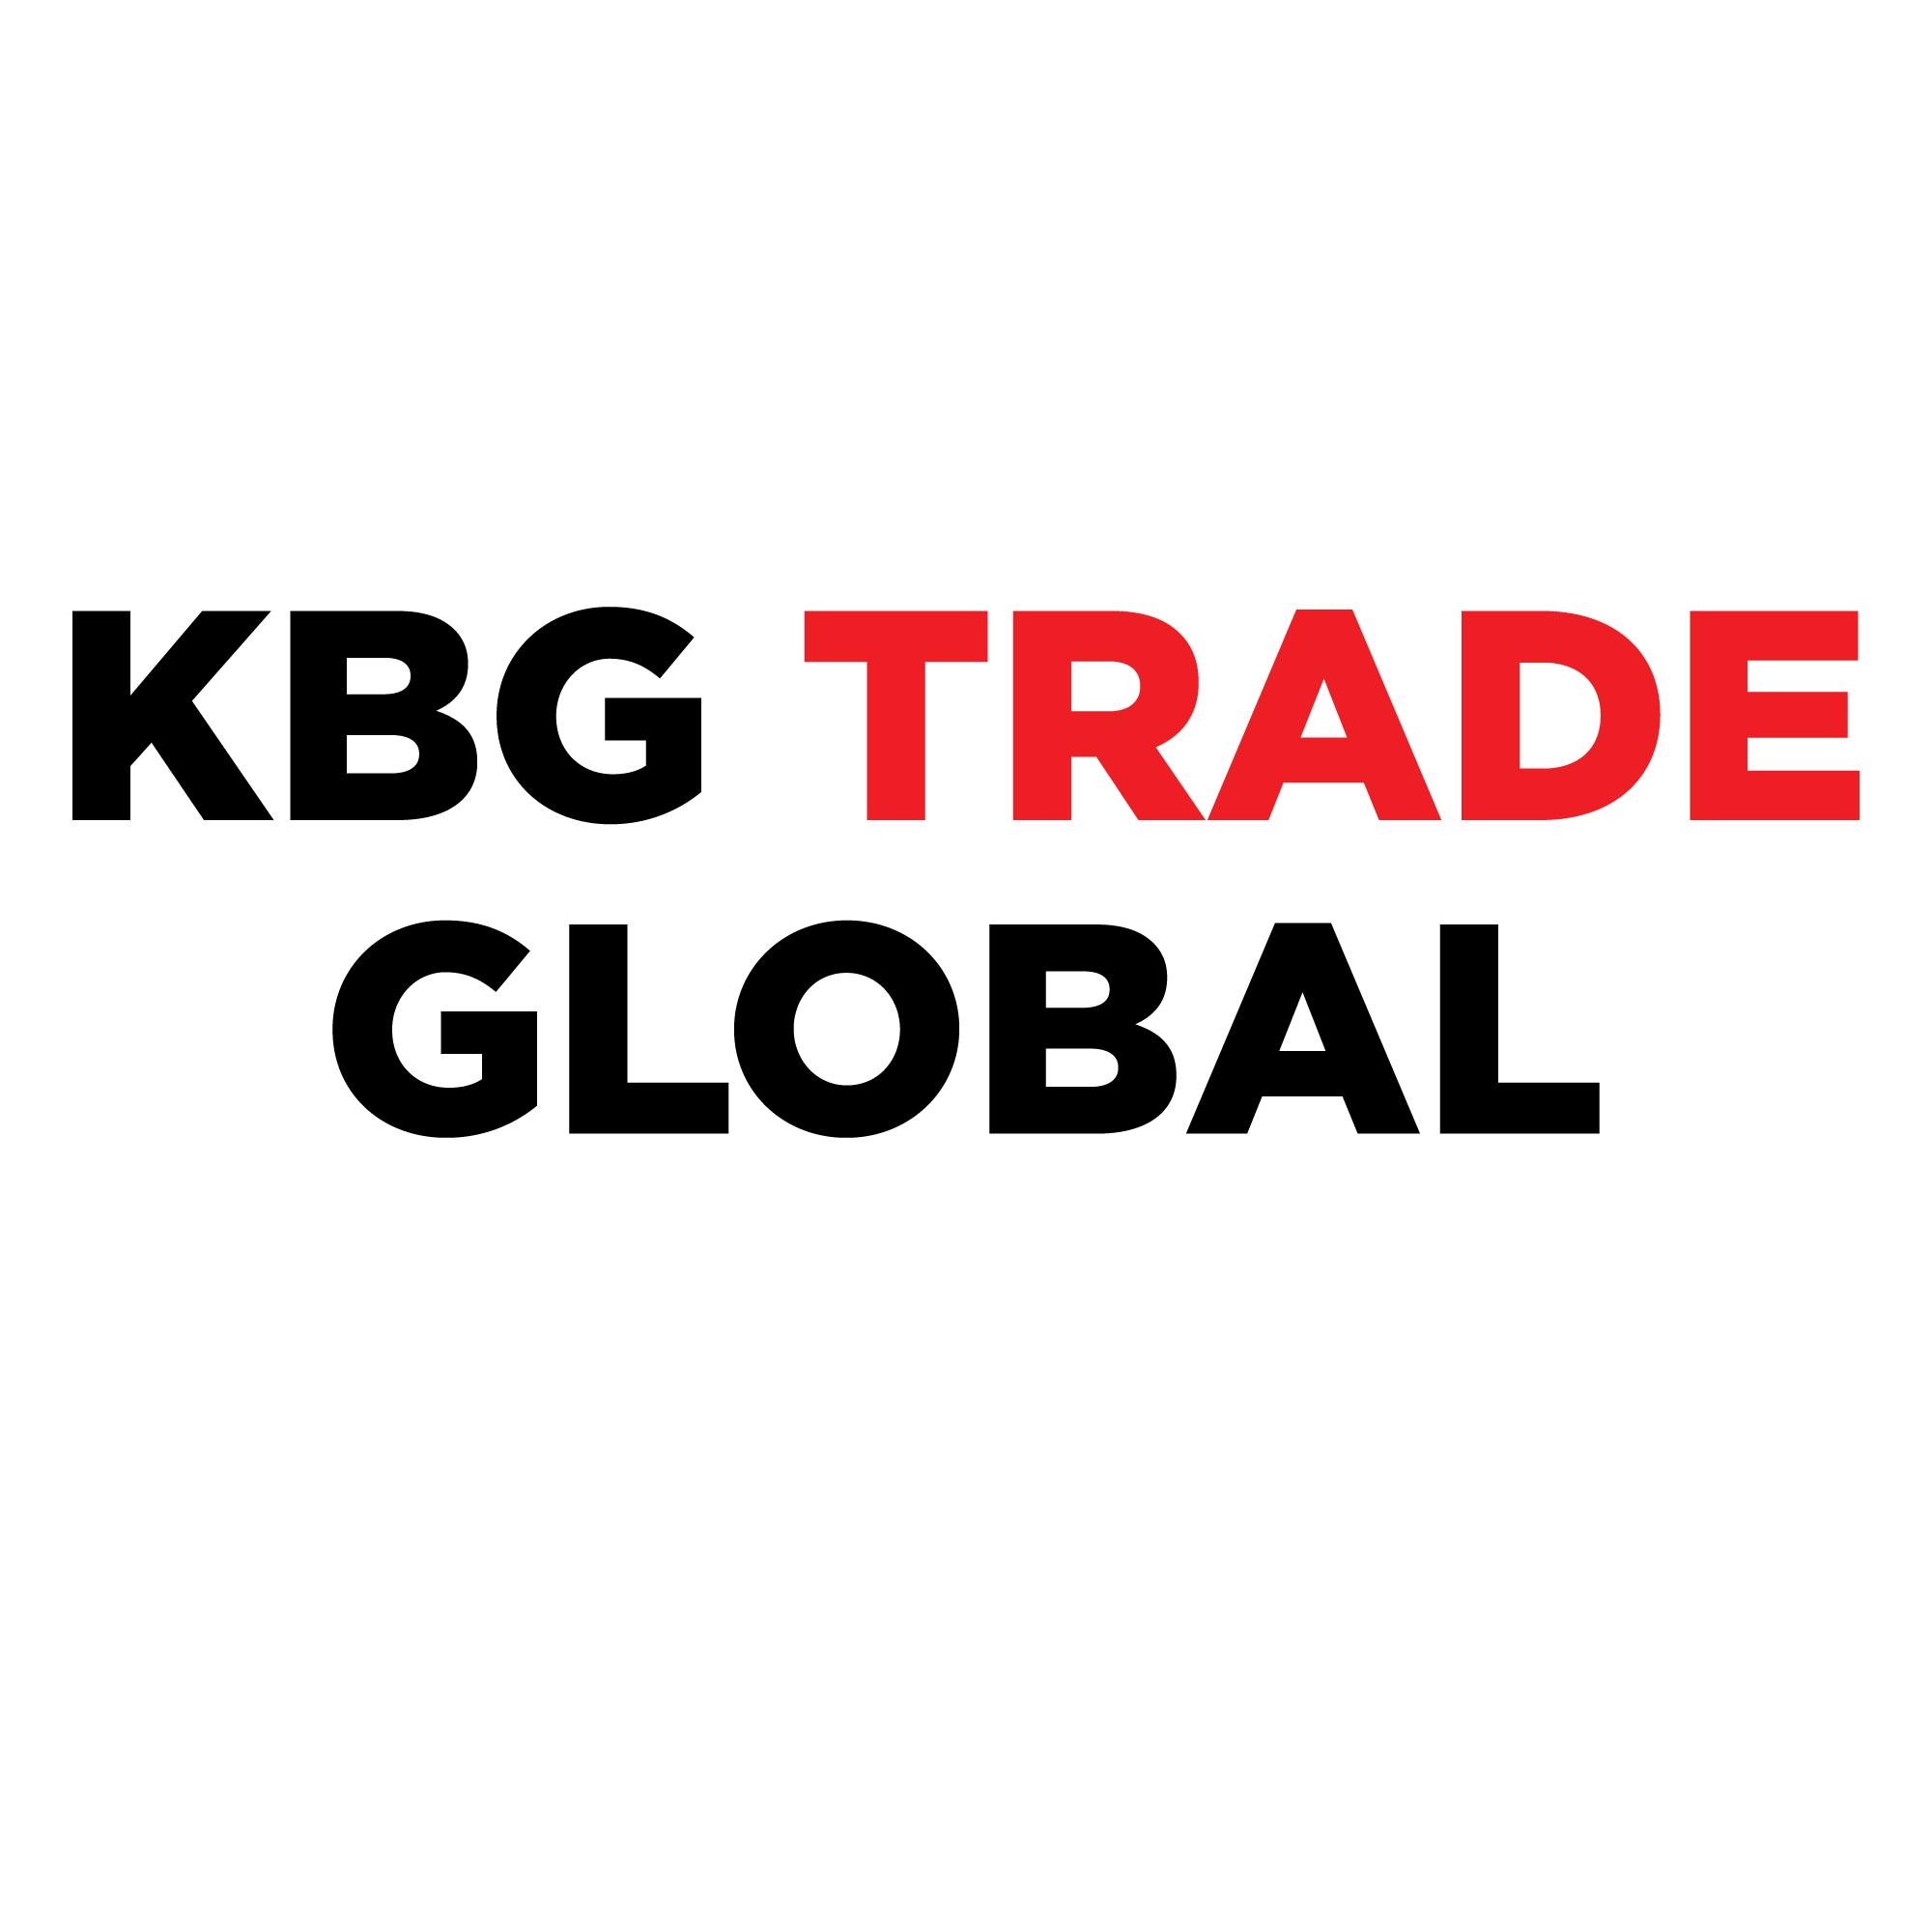 KBG-TRADE-GLOBAL-Logo-v2